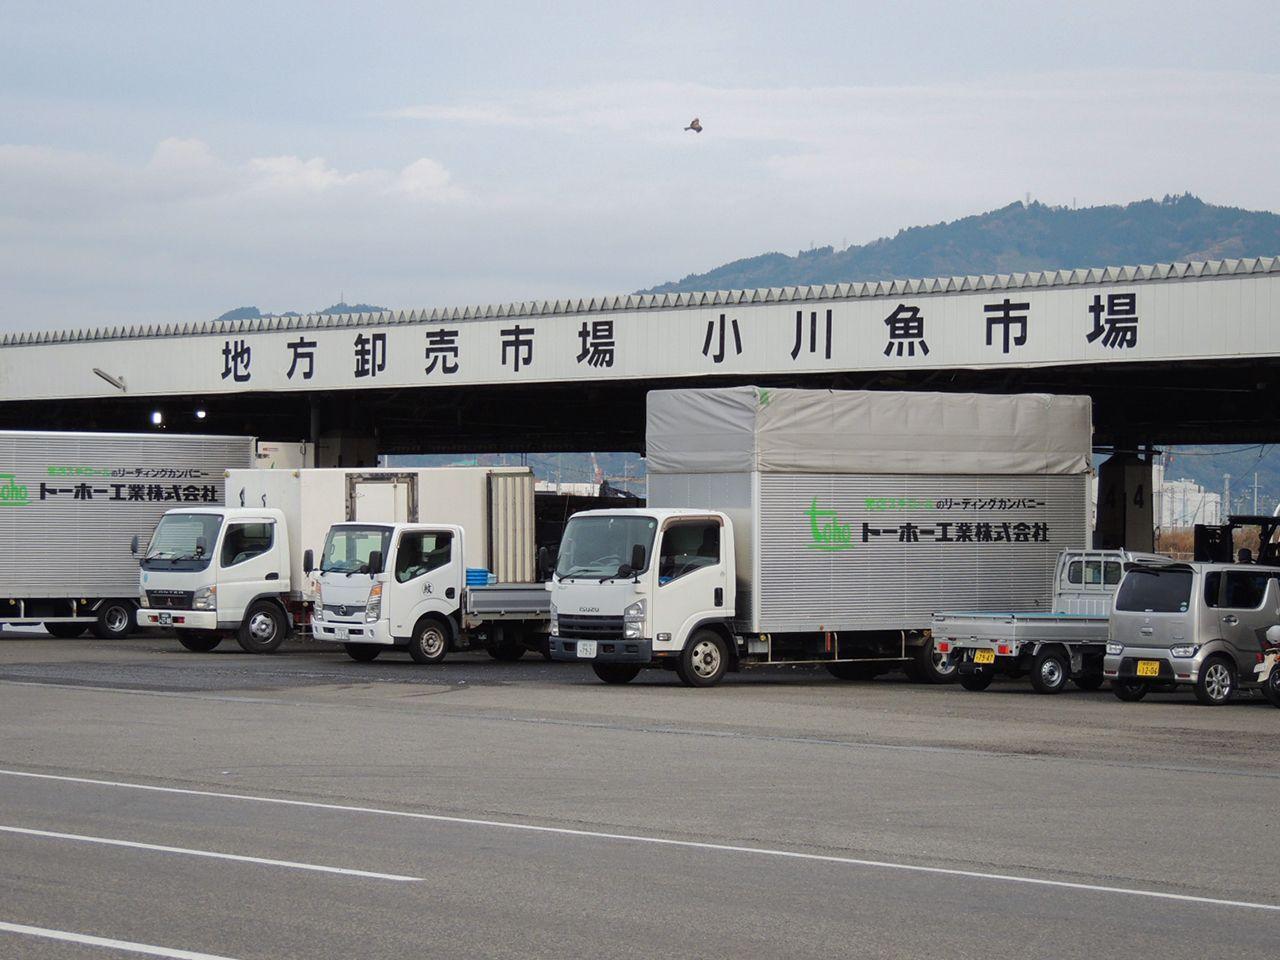 小川港の魚が取引される小川魚市場